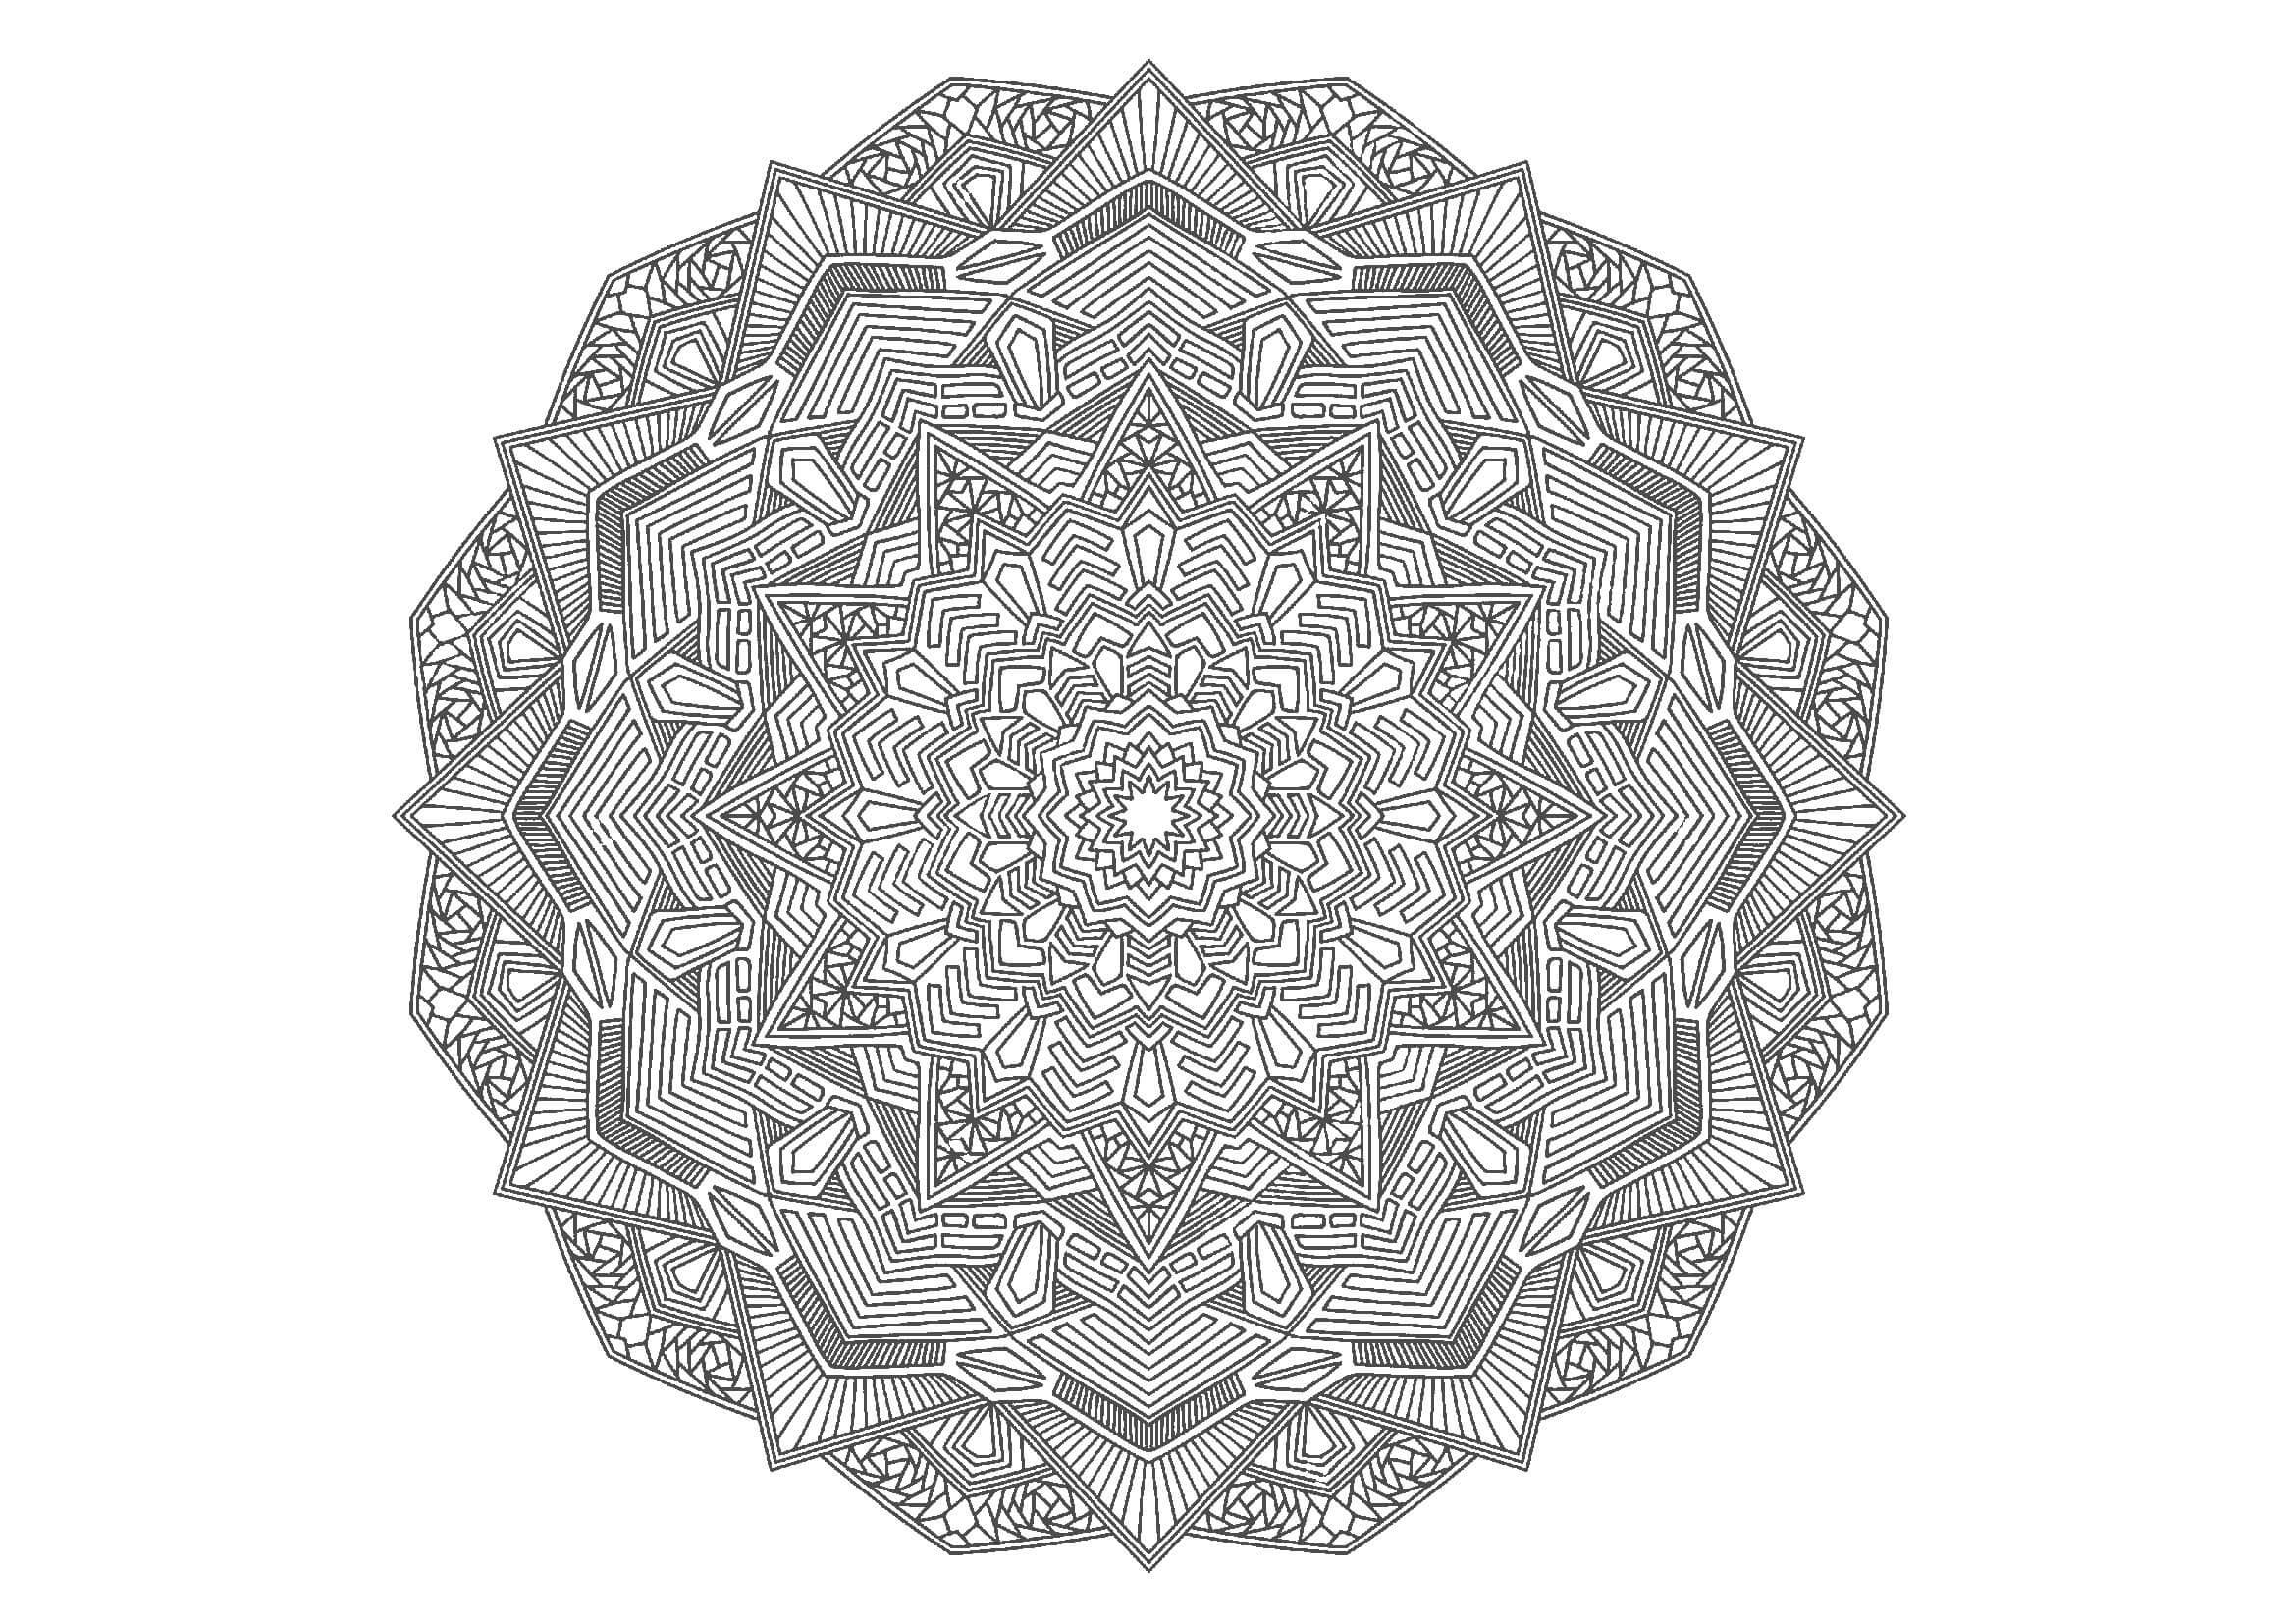 マンダラ塗り絵|曼荼羅(無料)